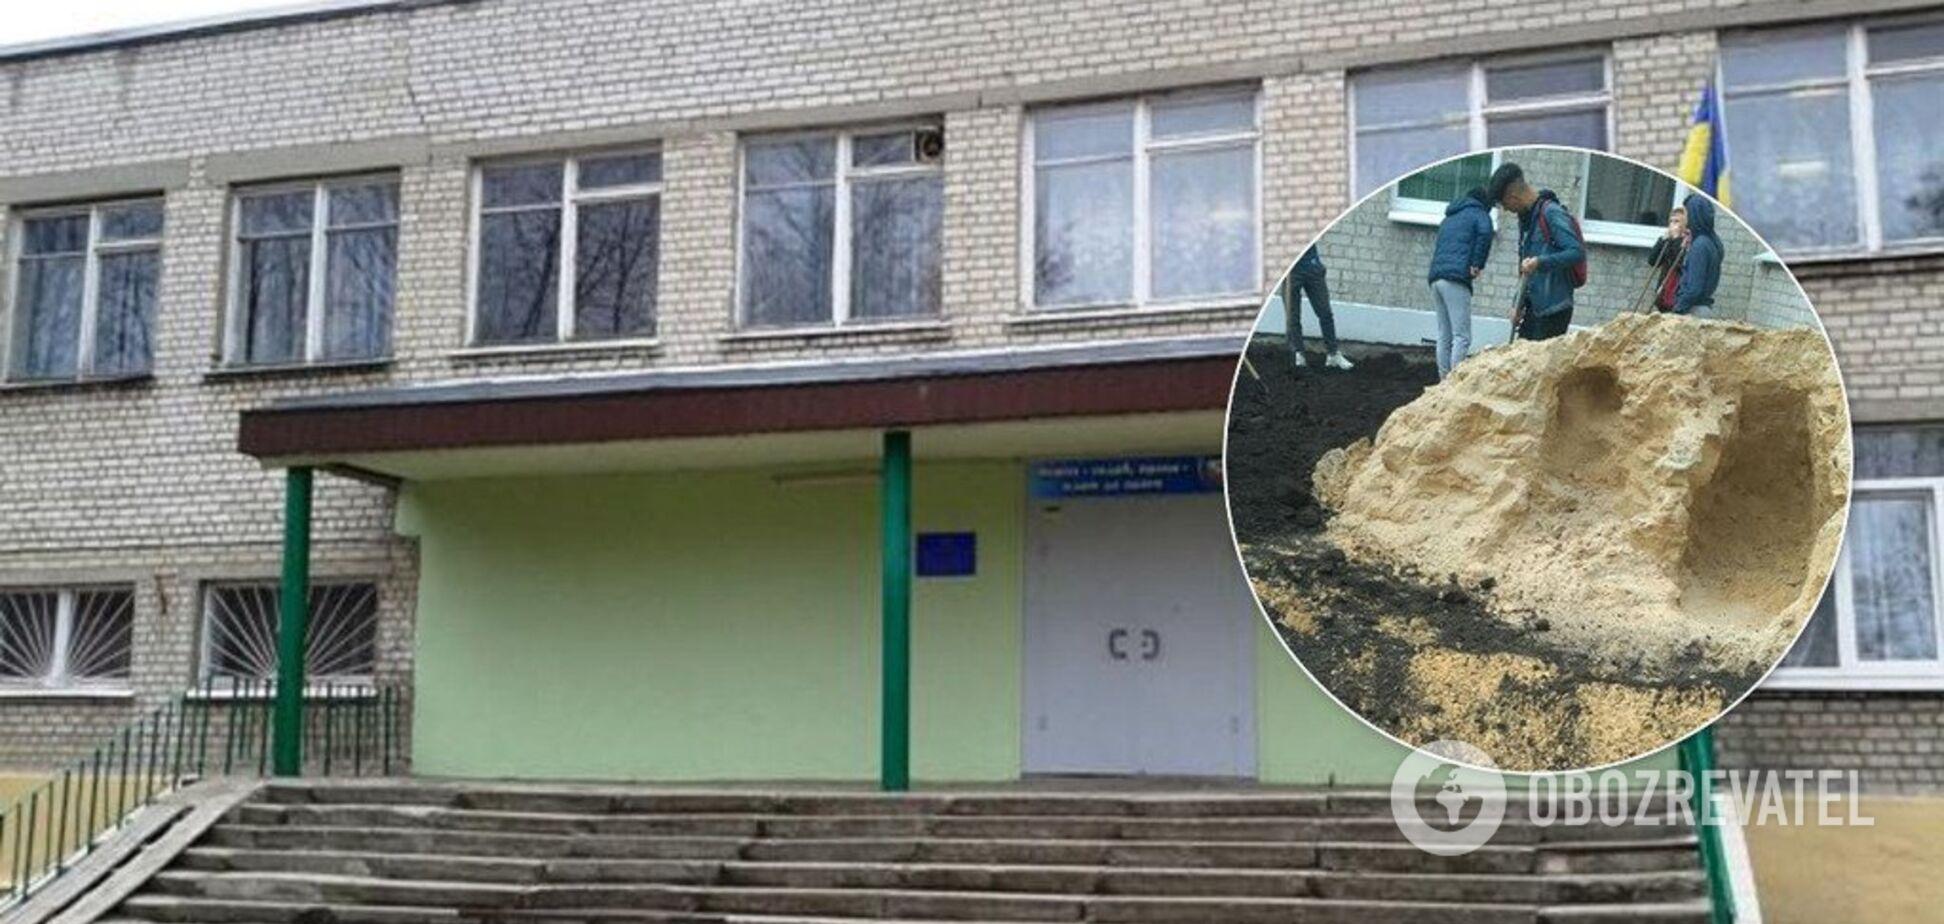 У Харкові експлуатують школярів: спалахнув скандал